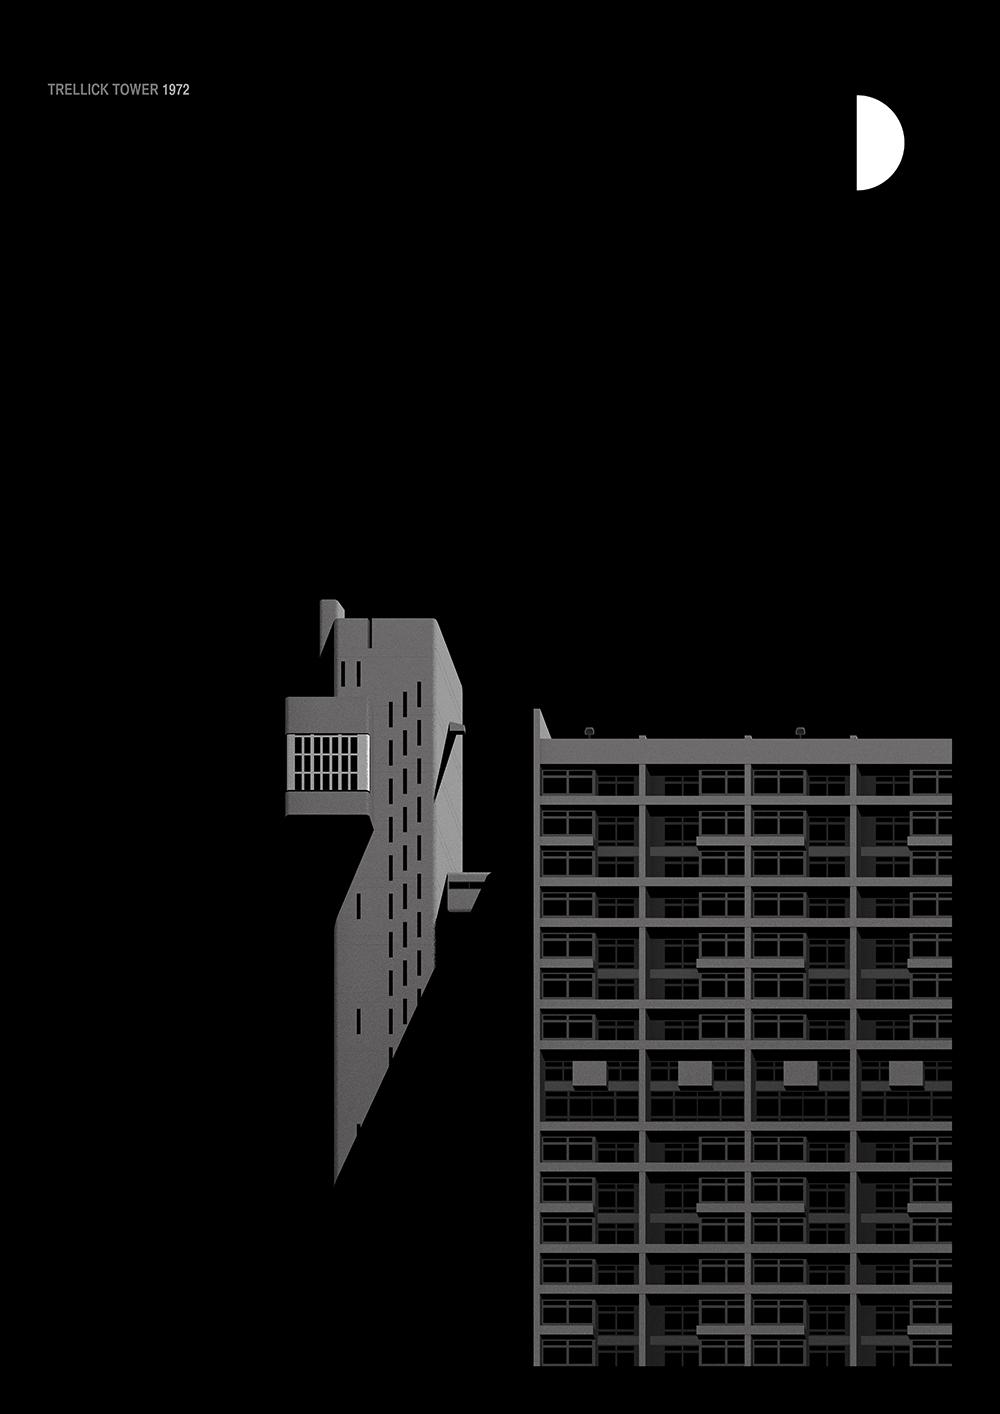 arquitectura brutalista de Londres - ilustração minimalista de Thomas Danthony